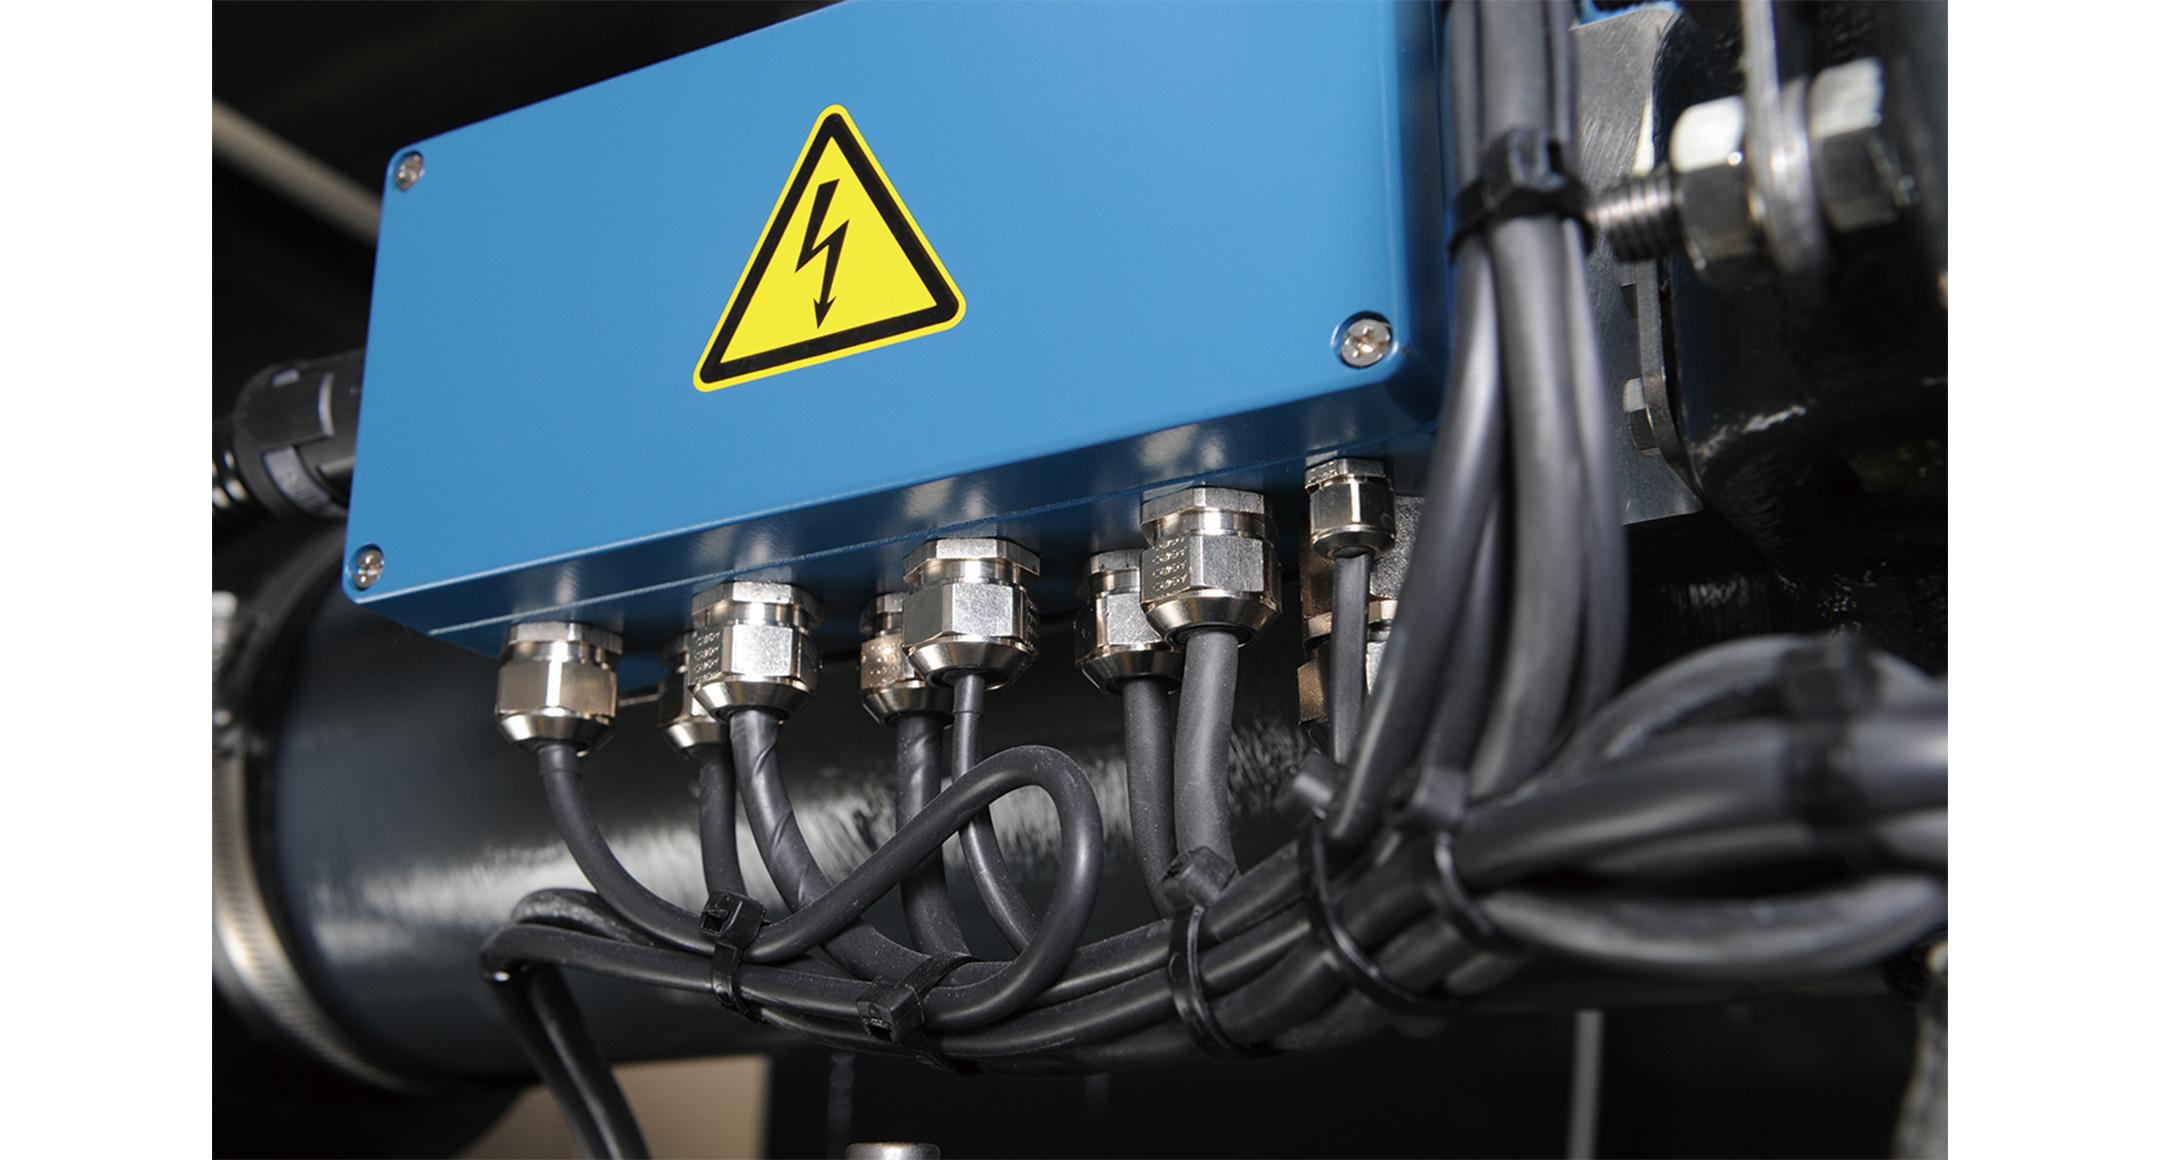 メタルケーブルグランド高防水タイプ AGMシリ-ズの画像